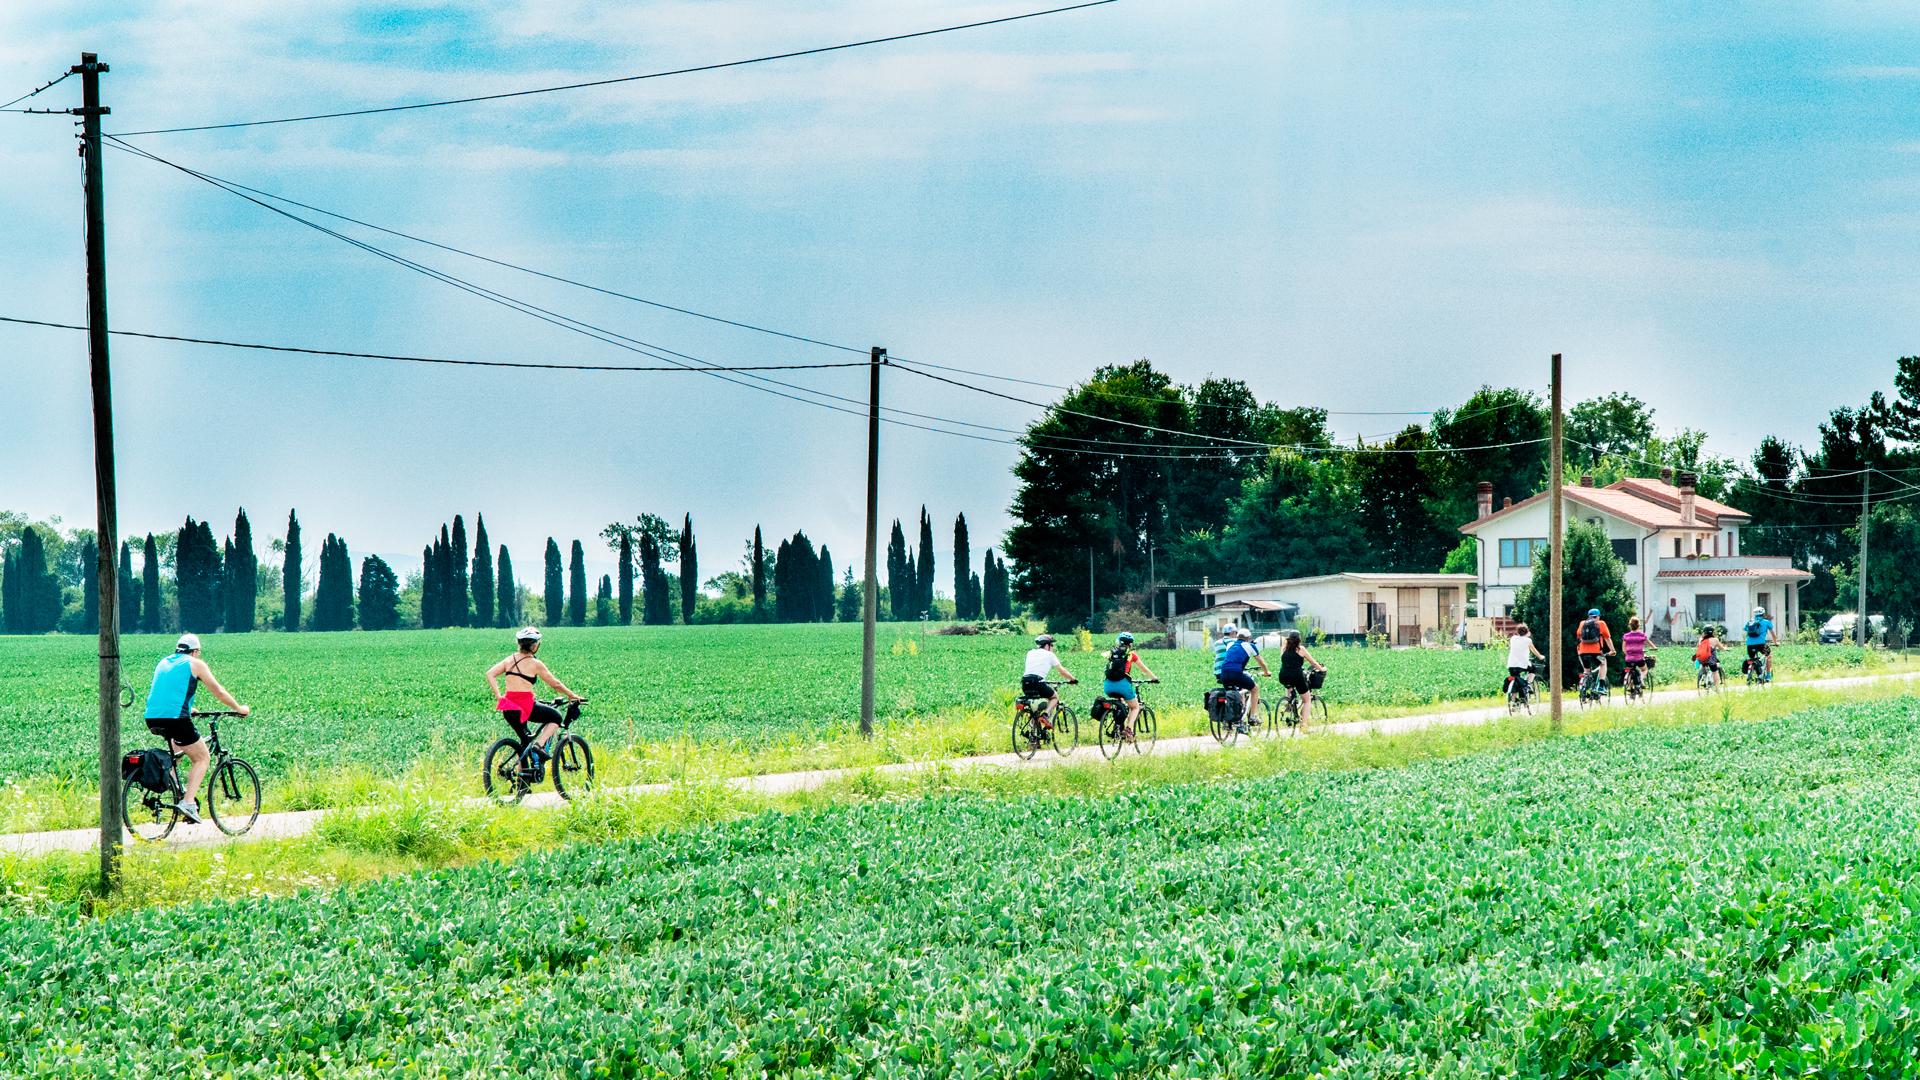 Uno degli insegnamenti dal Cicloturismo fra le riserve naturali della valle Cavanata in provincia di Gorizia, Friuli